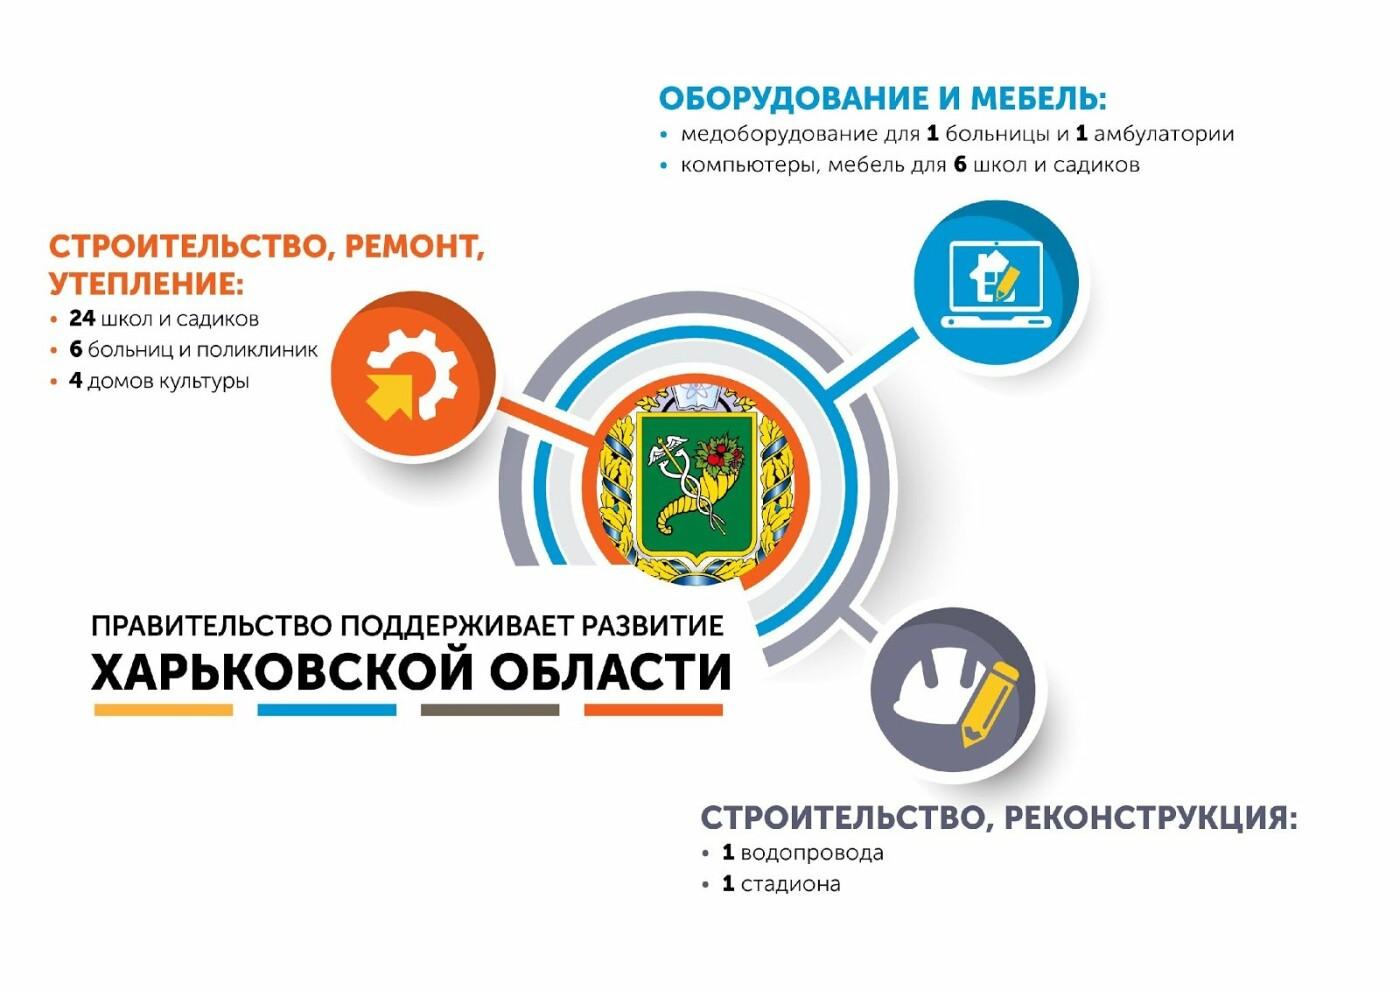 Правительство финансирует развитие регионов, фото-1